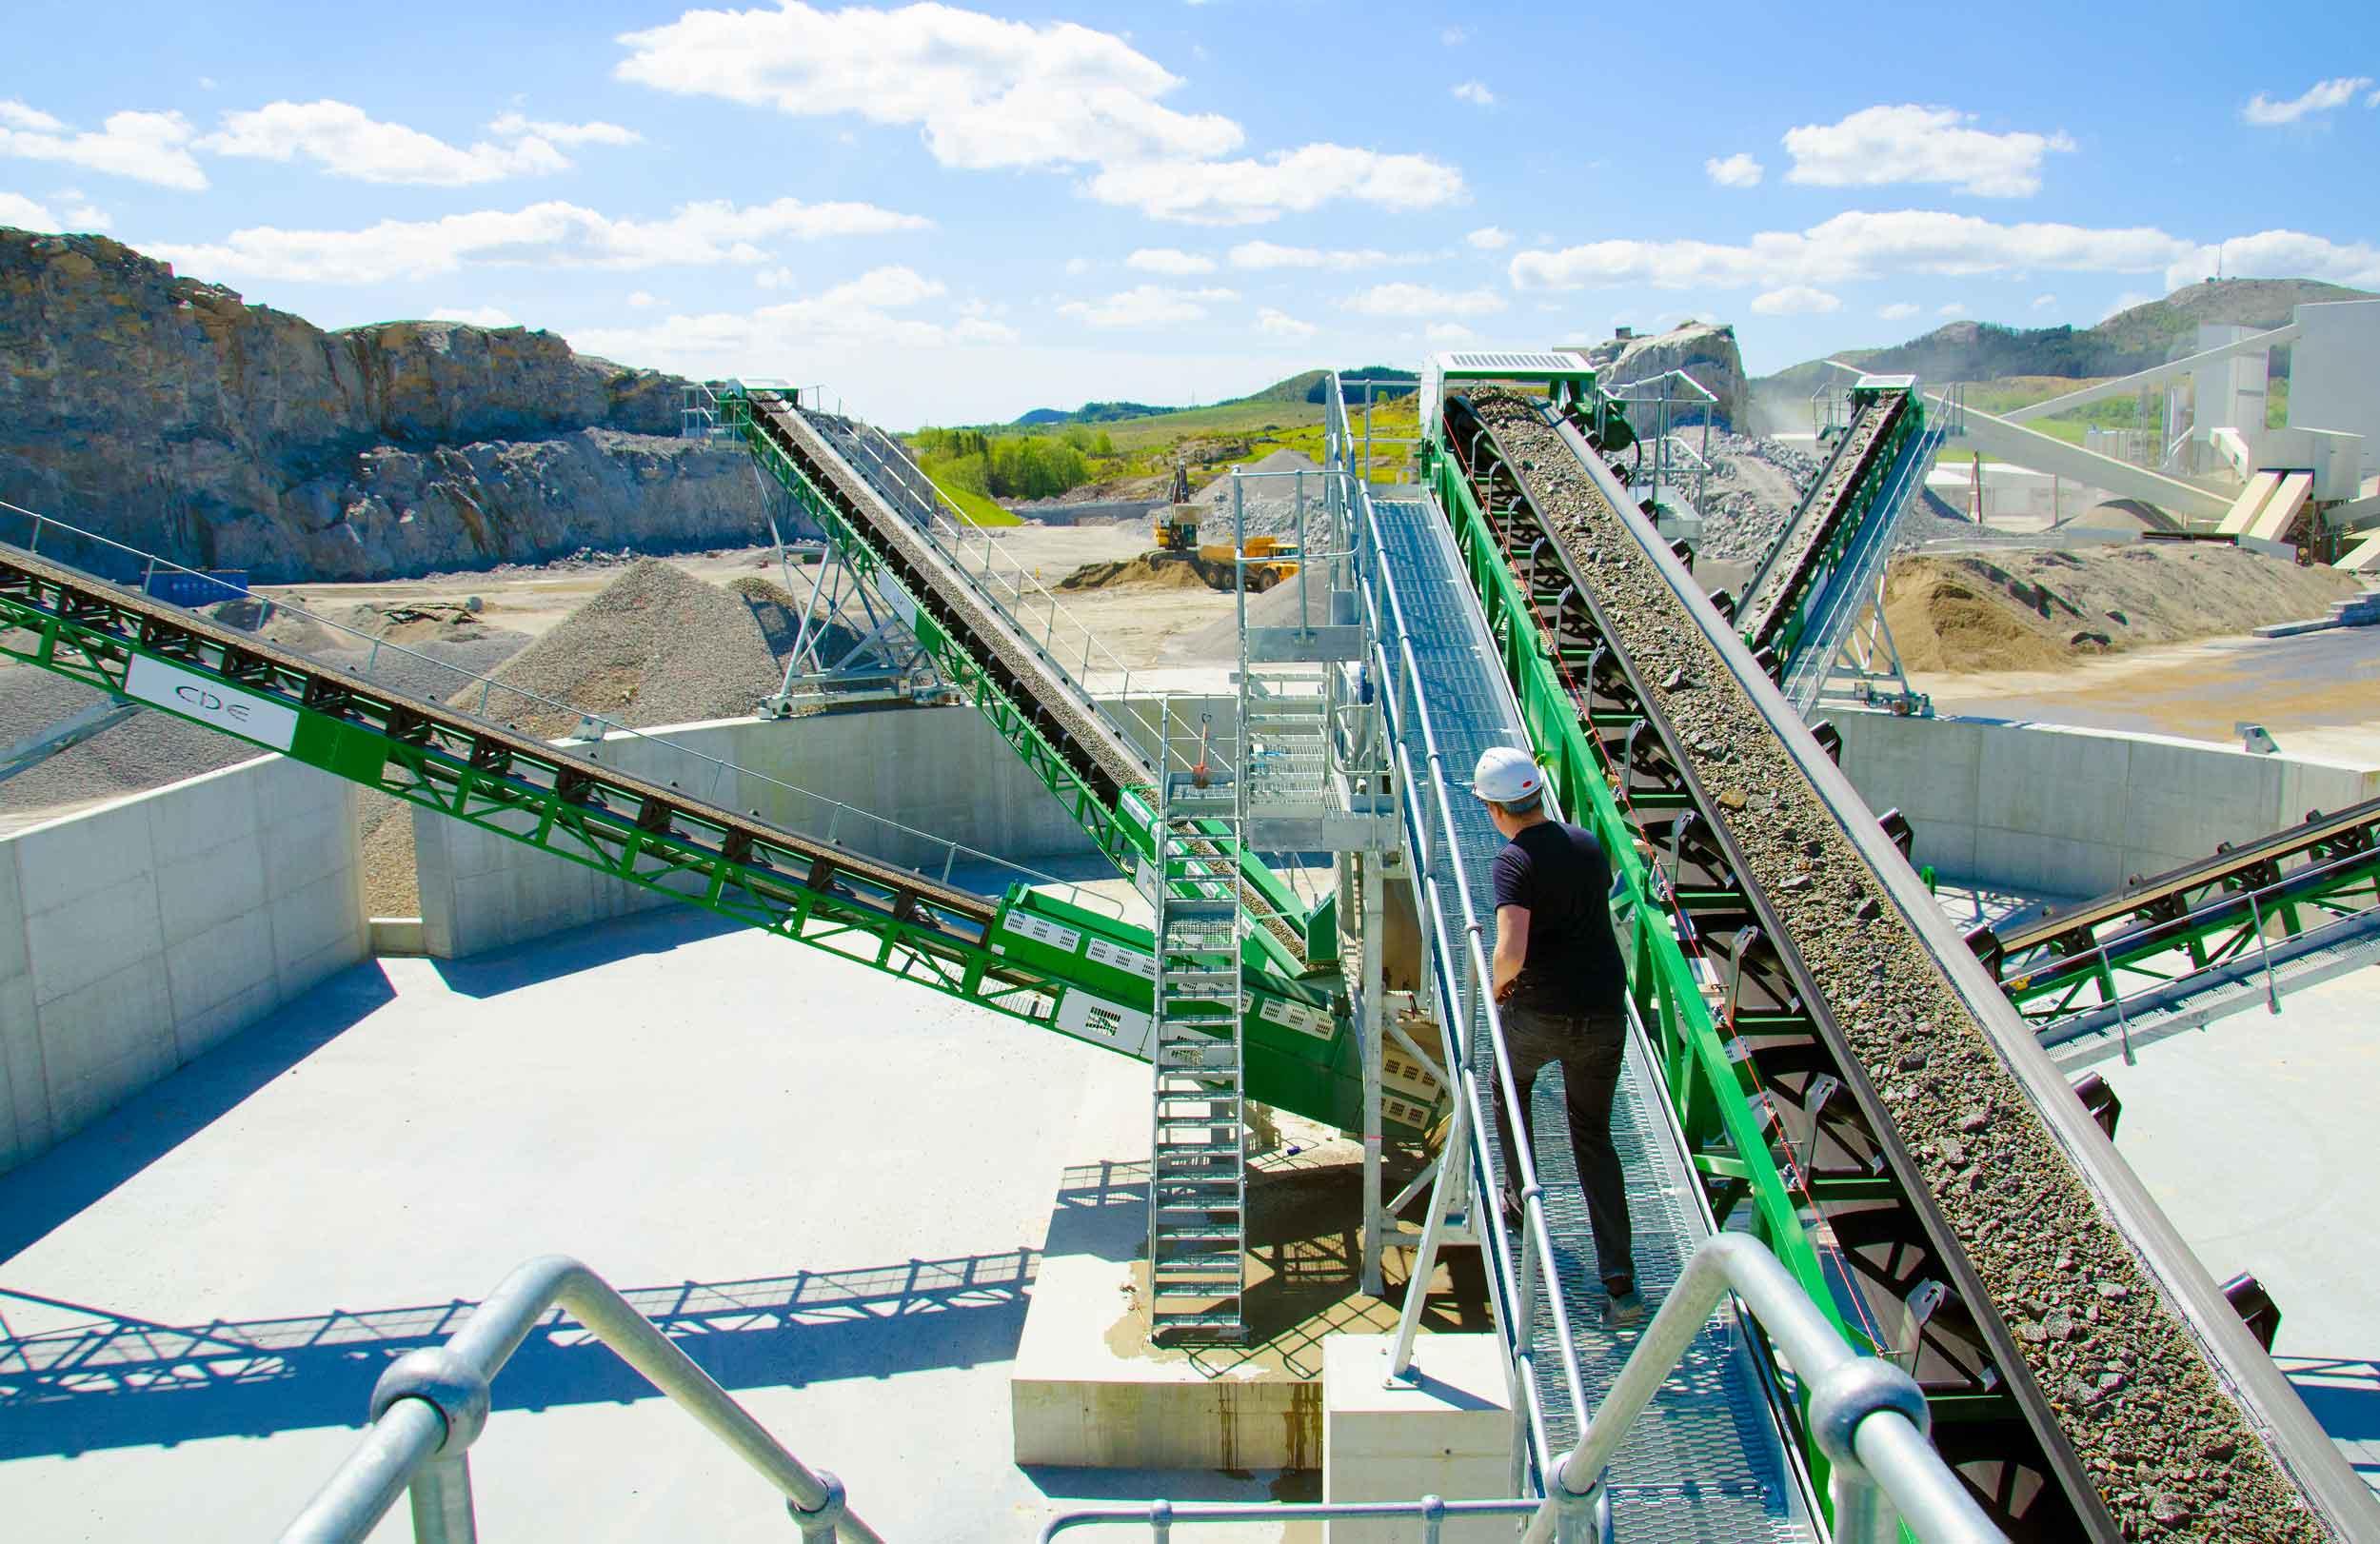 Miljøanlegget som vasker og sorterer gravemasser og gir tilbake høyverdige råstoffer som ellers hadde blitt deponert.